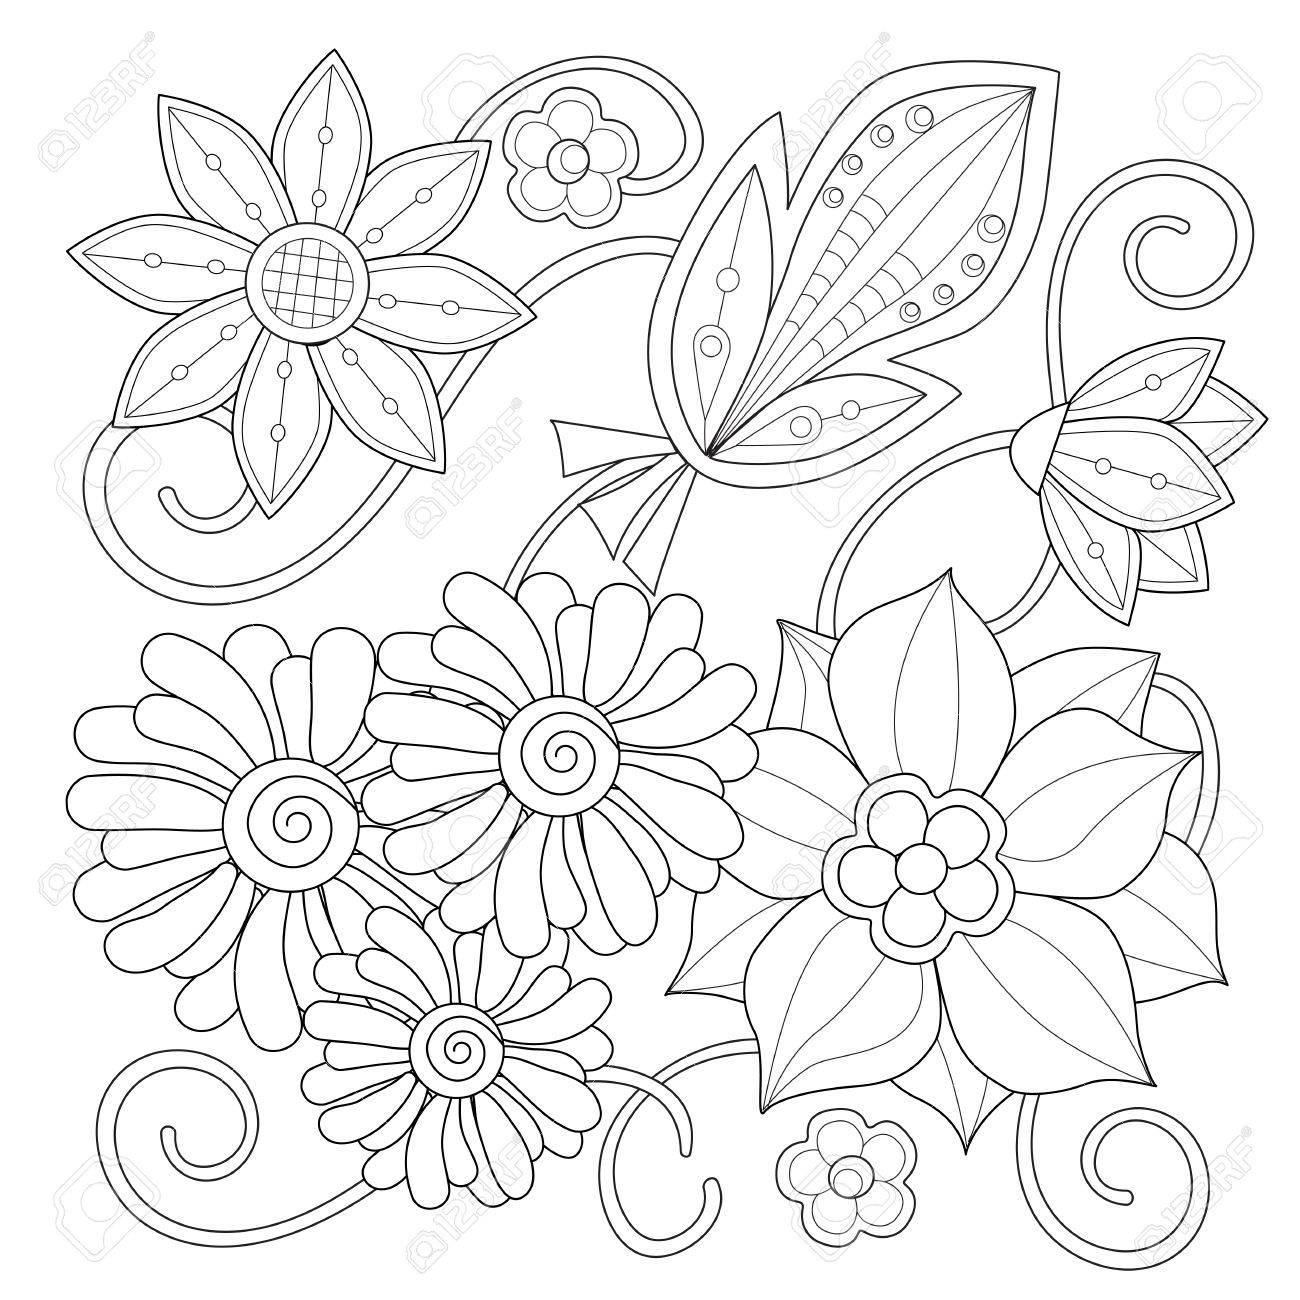 Lujoso Páginas Para Colorear Con Flores Composición - Dibujos Para ...